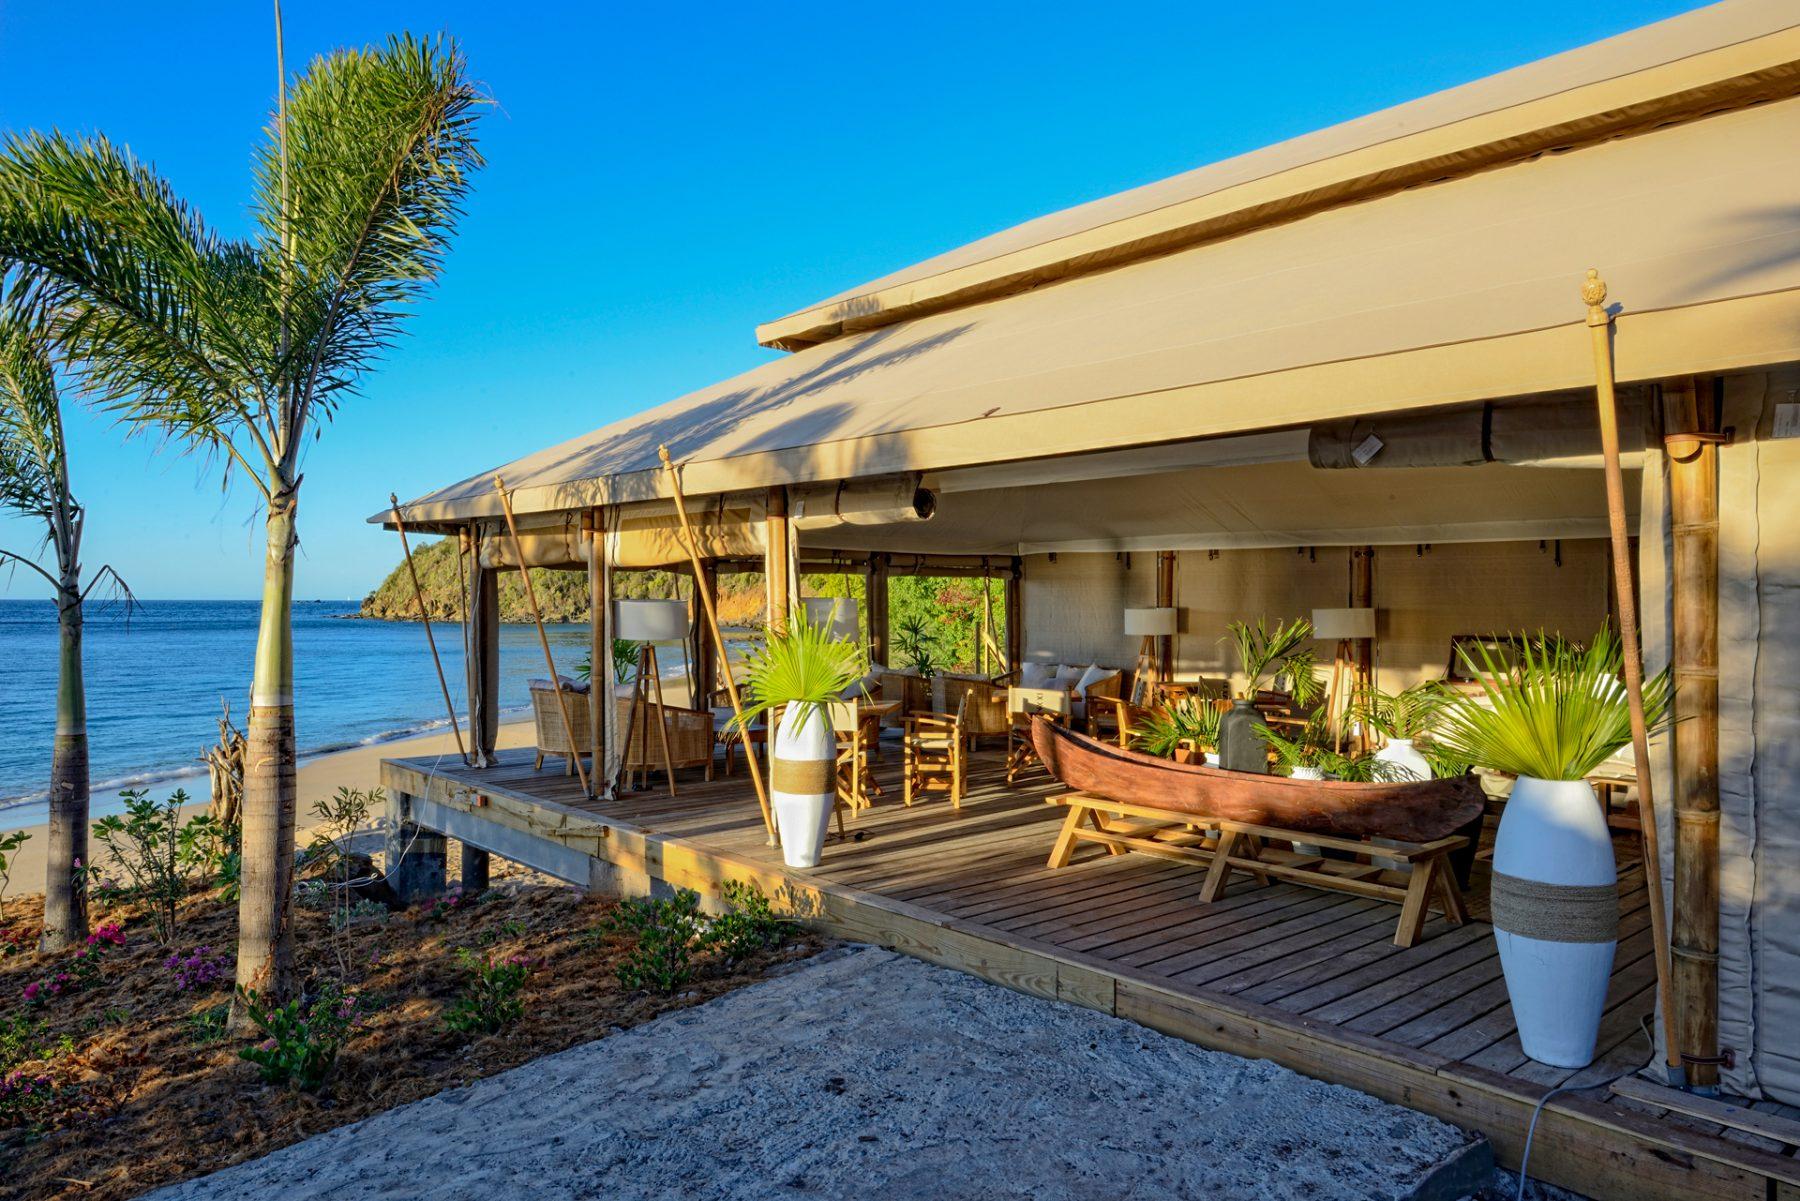 The Canvas Bar - Tribu Beach Club